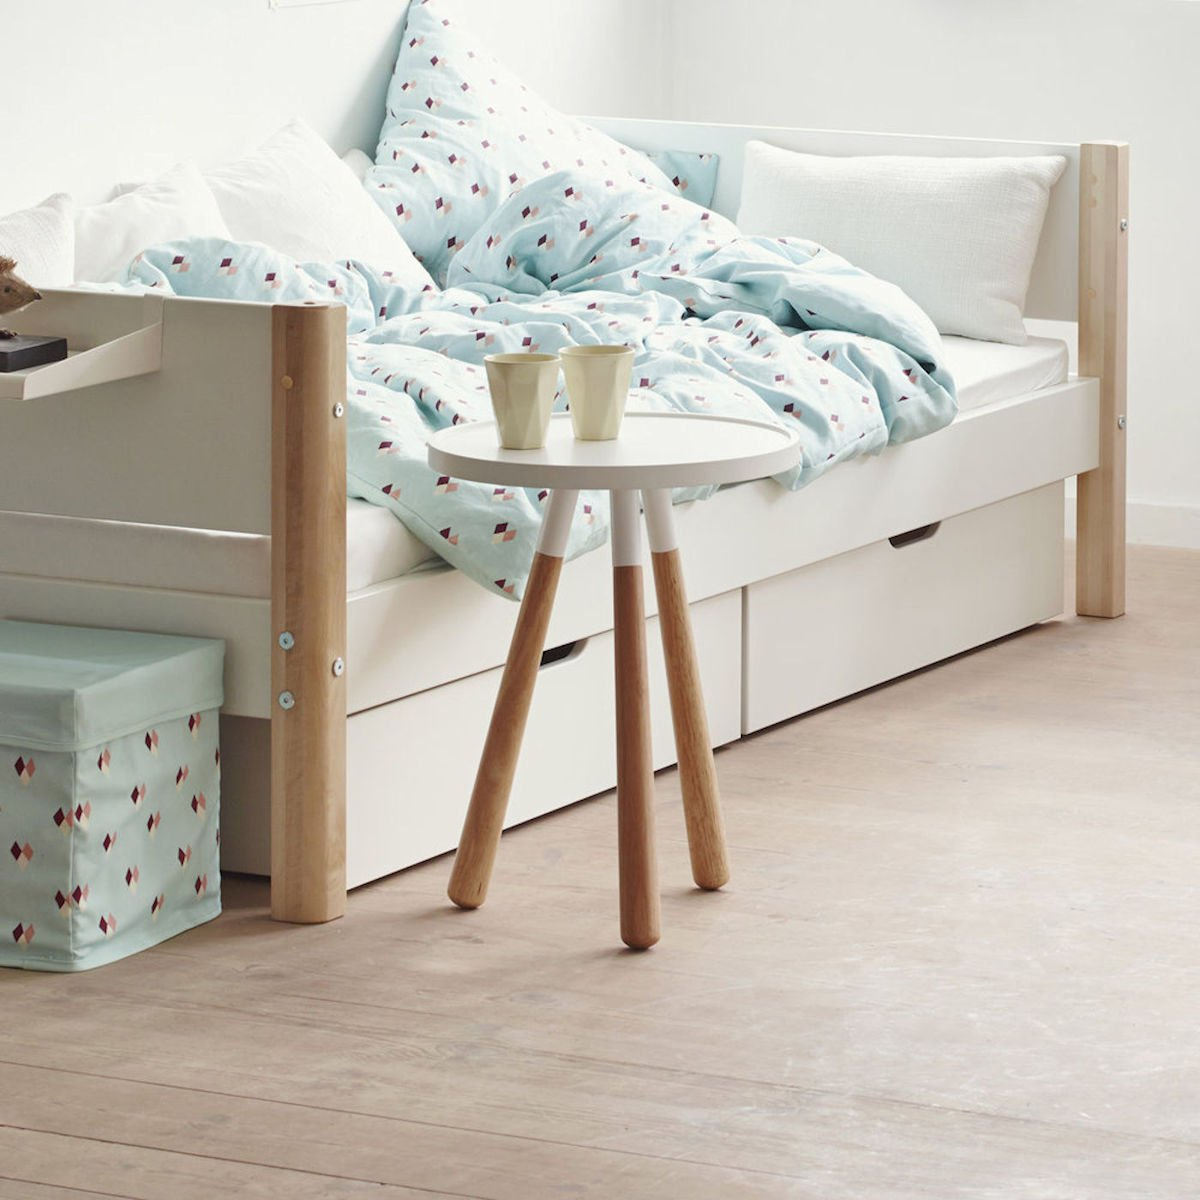 white einzelbett 90x200 2 sch be wei wei 90 10756 40 469. Black Bedroom Furniture Sets. Home Design Ideas